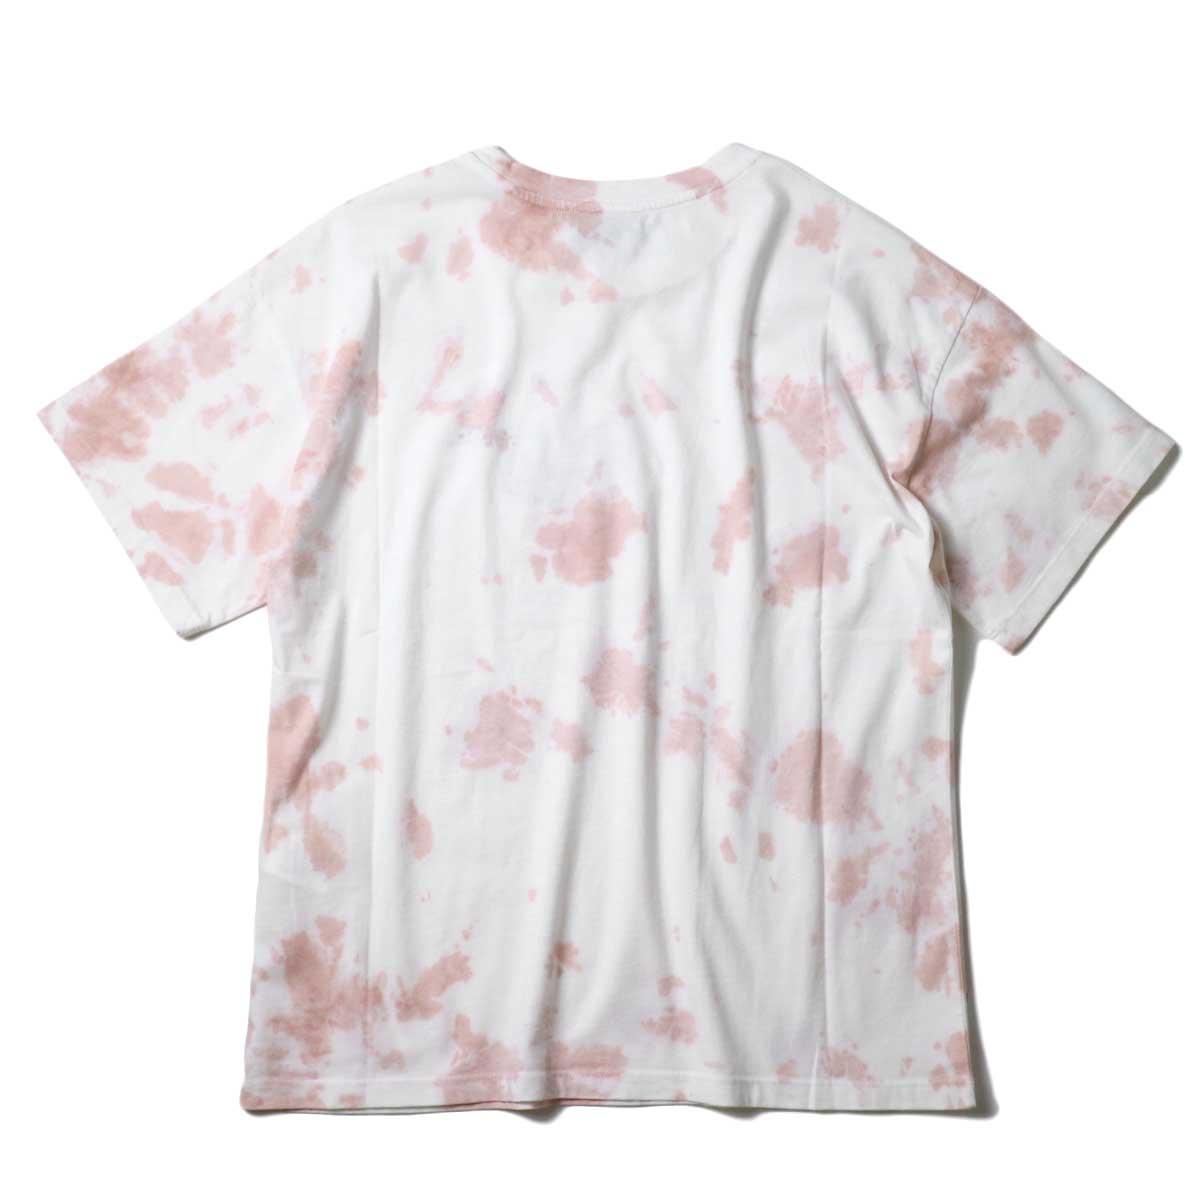 A.P.C. / Cassie Tシャツ 背面